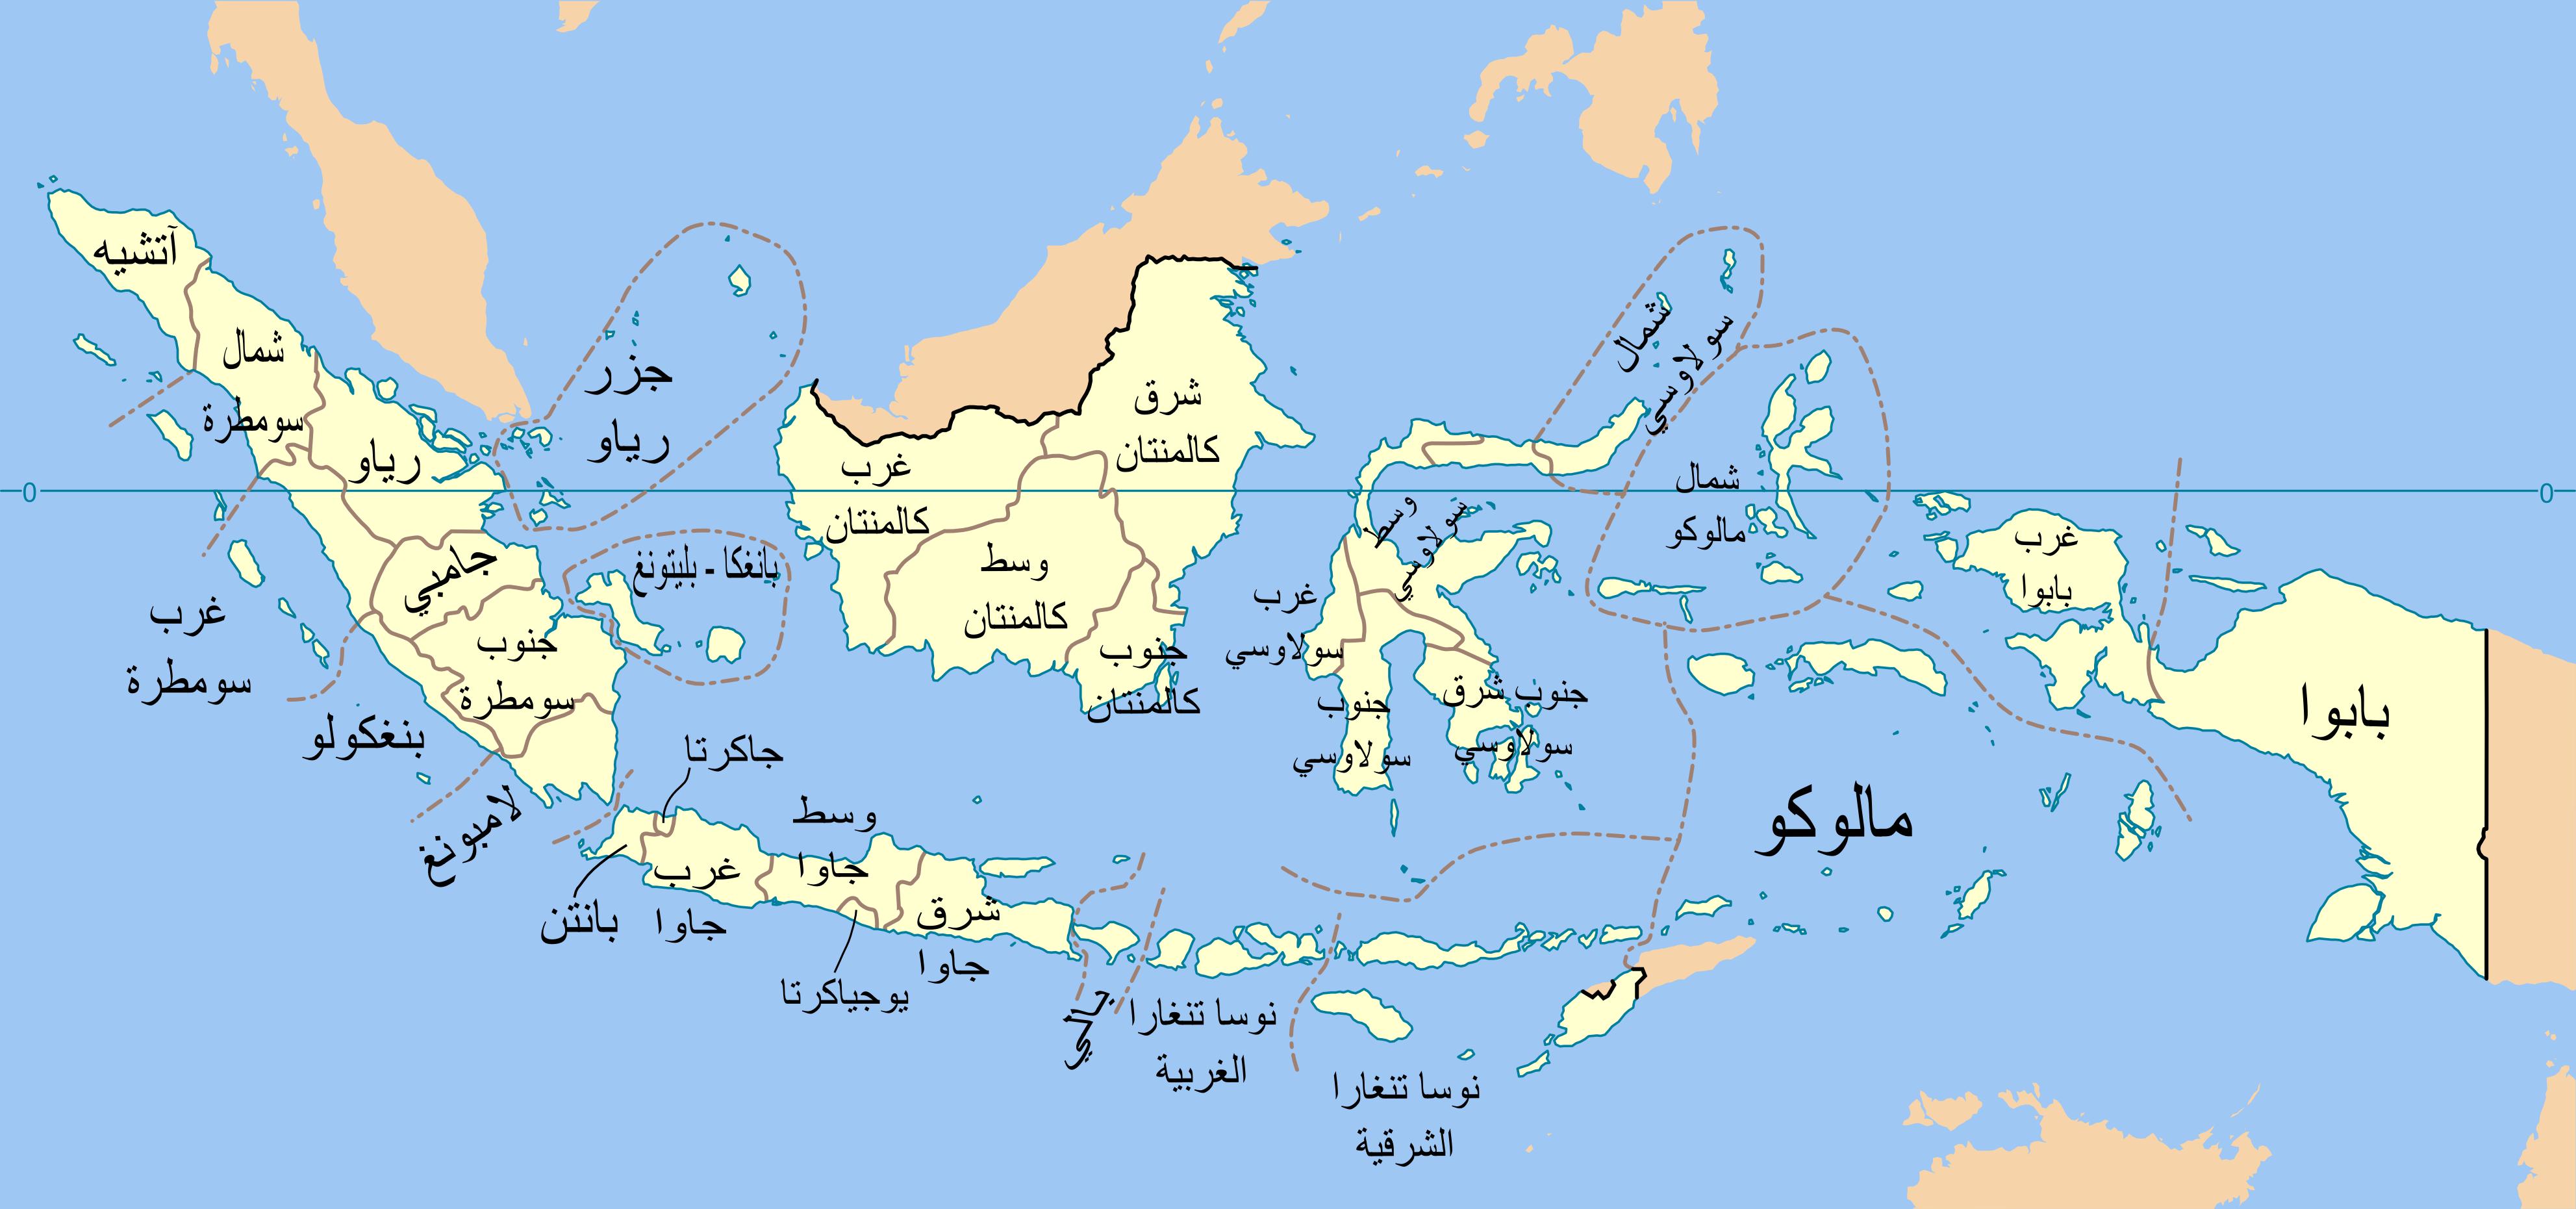 ملف:Indonesia bet365 live score cricket provinces blank map-AR ...